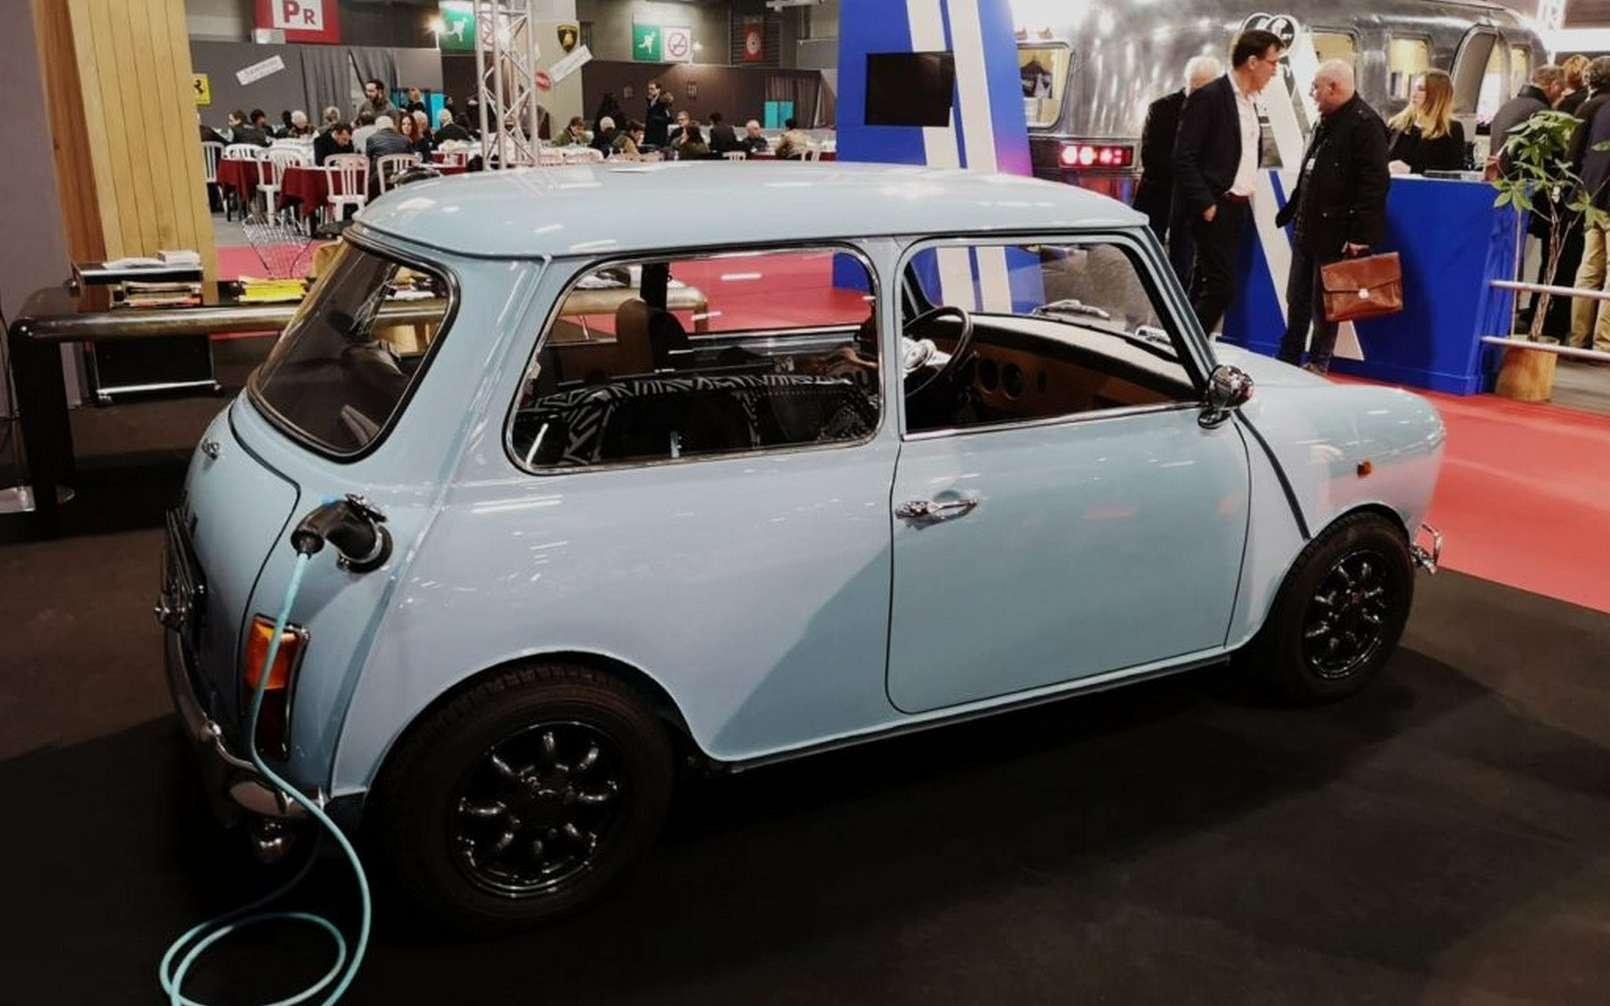 Ian Motion est l'une des entreprises françaises spécialisées dans le rétrofit électrique de véhicules de collection, avec une prédilection pour l'Austin Mini. © Ian Motion